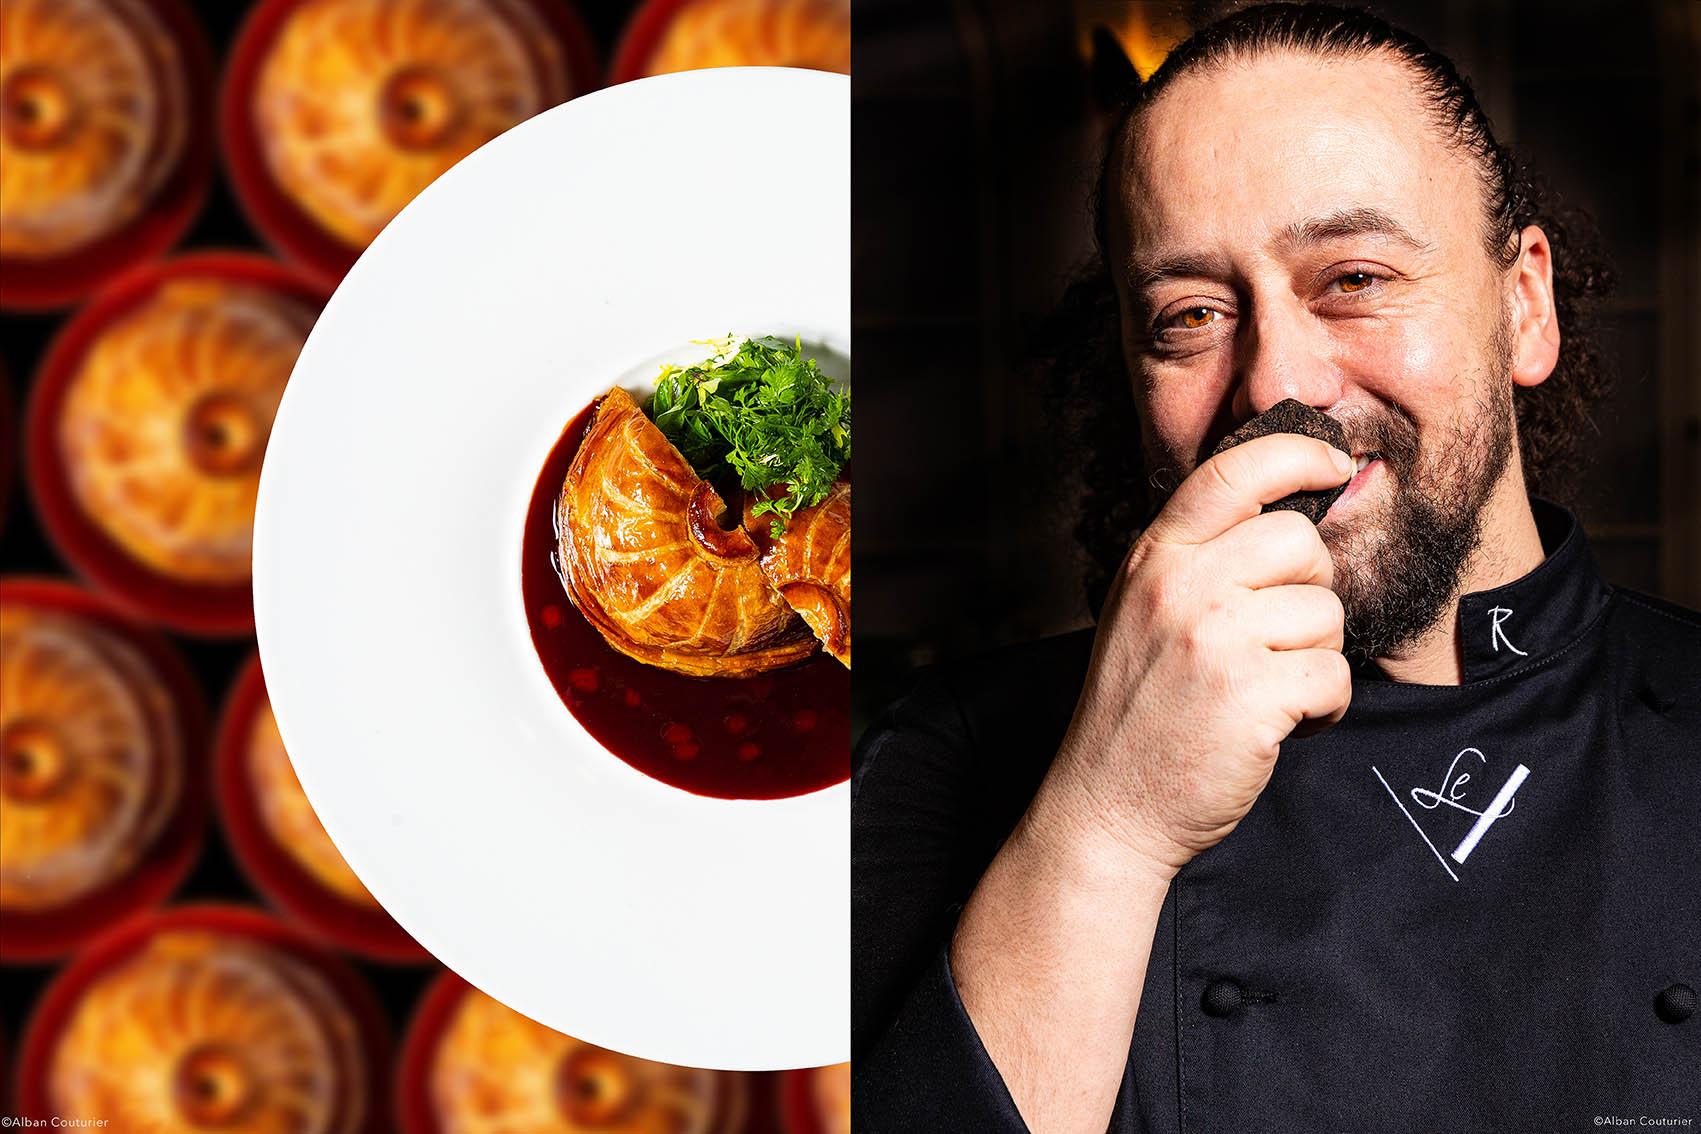 Richard Robe et sa Tourte, comme un Pithiviers, restaurant Gastronomique, le V, Hotel Vernet, ©Alban Couturier